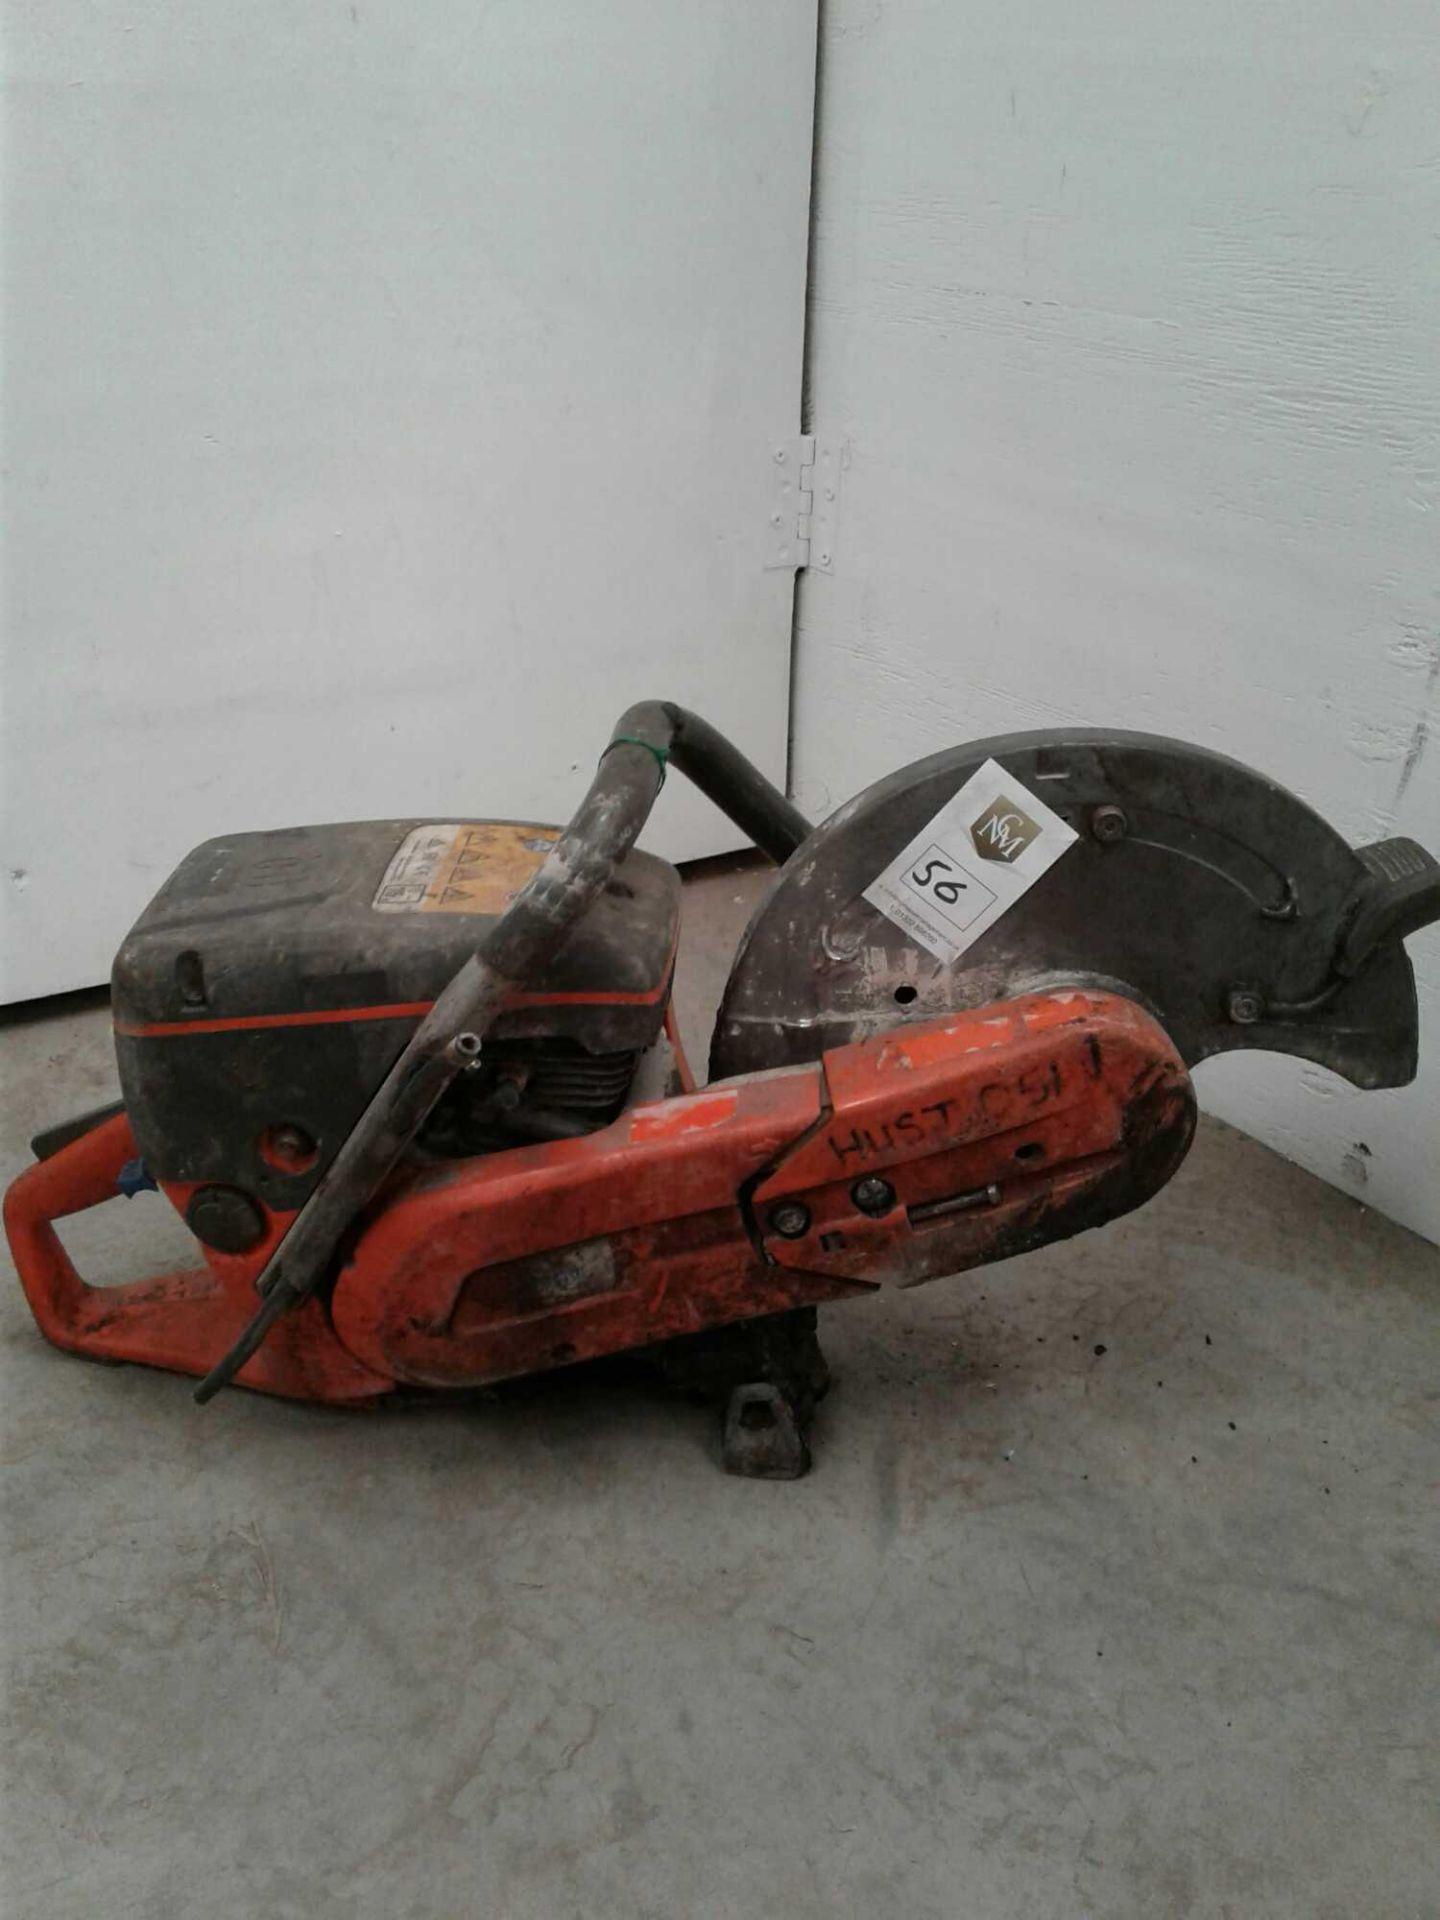 Lot 56 - Husqvarna k760 cut off saw